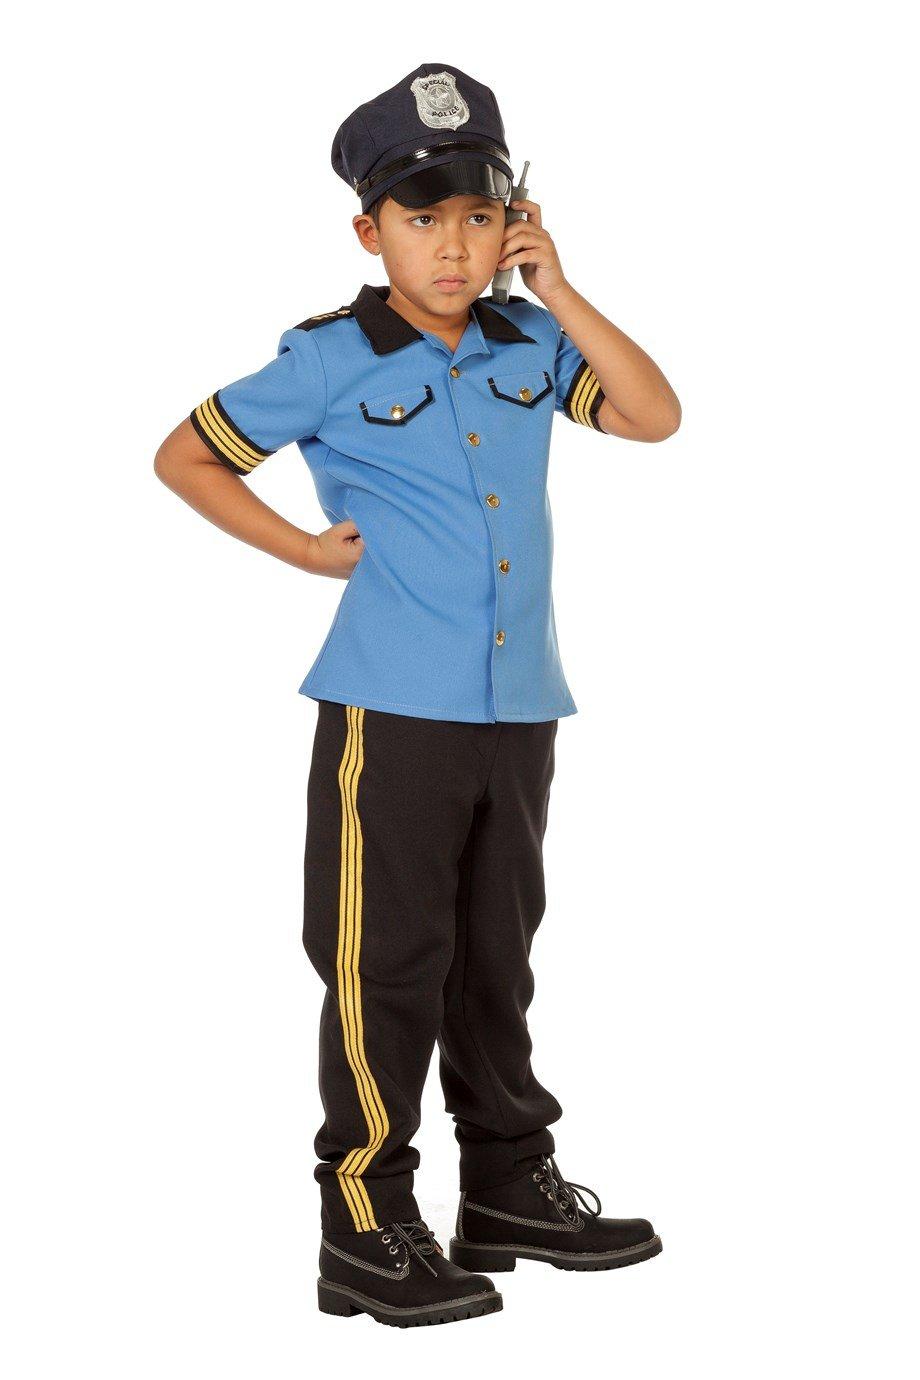 Wilbers 3916 Polizeikostüm Kinder Jungen 164 B018W8VRIA Kostüme für Kinder Angenehmes Gefühl | Neuankömmling